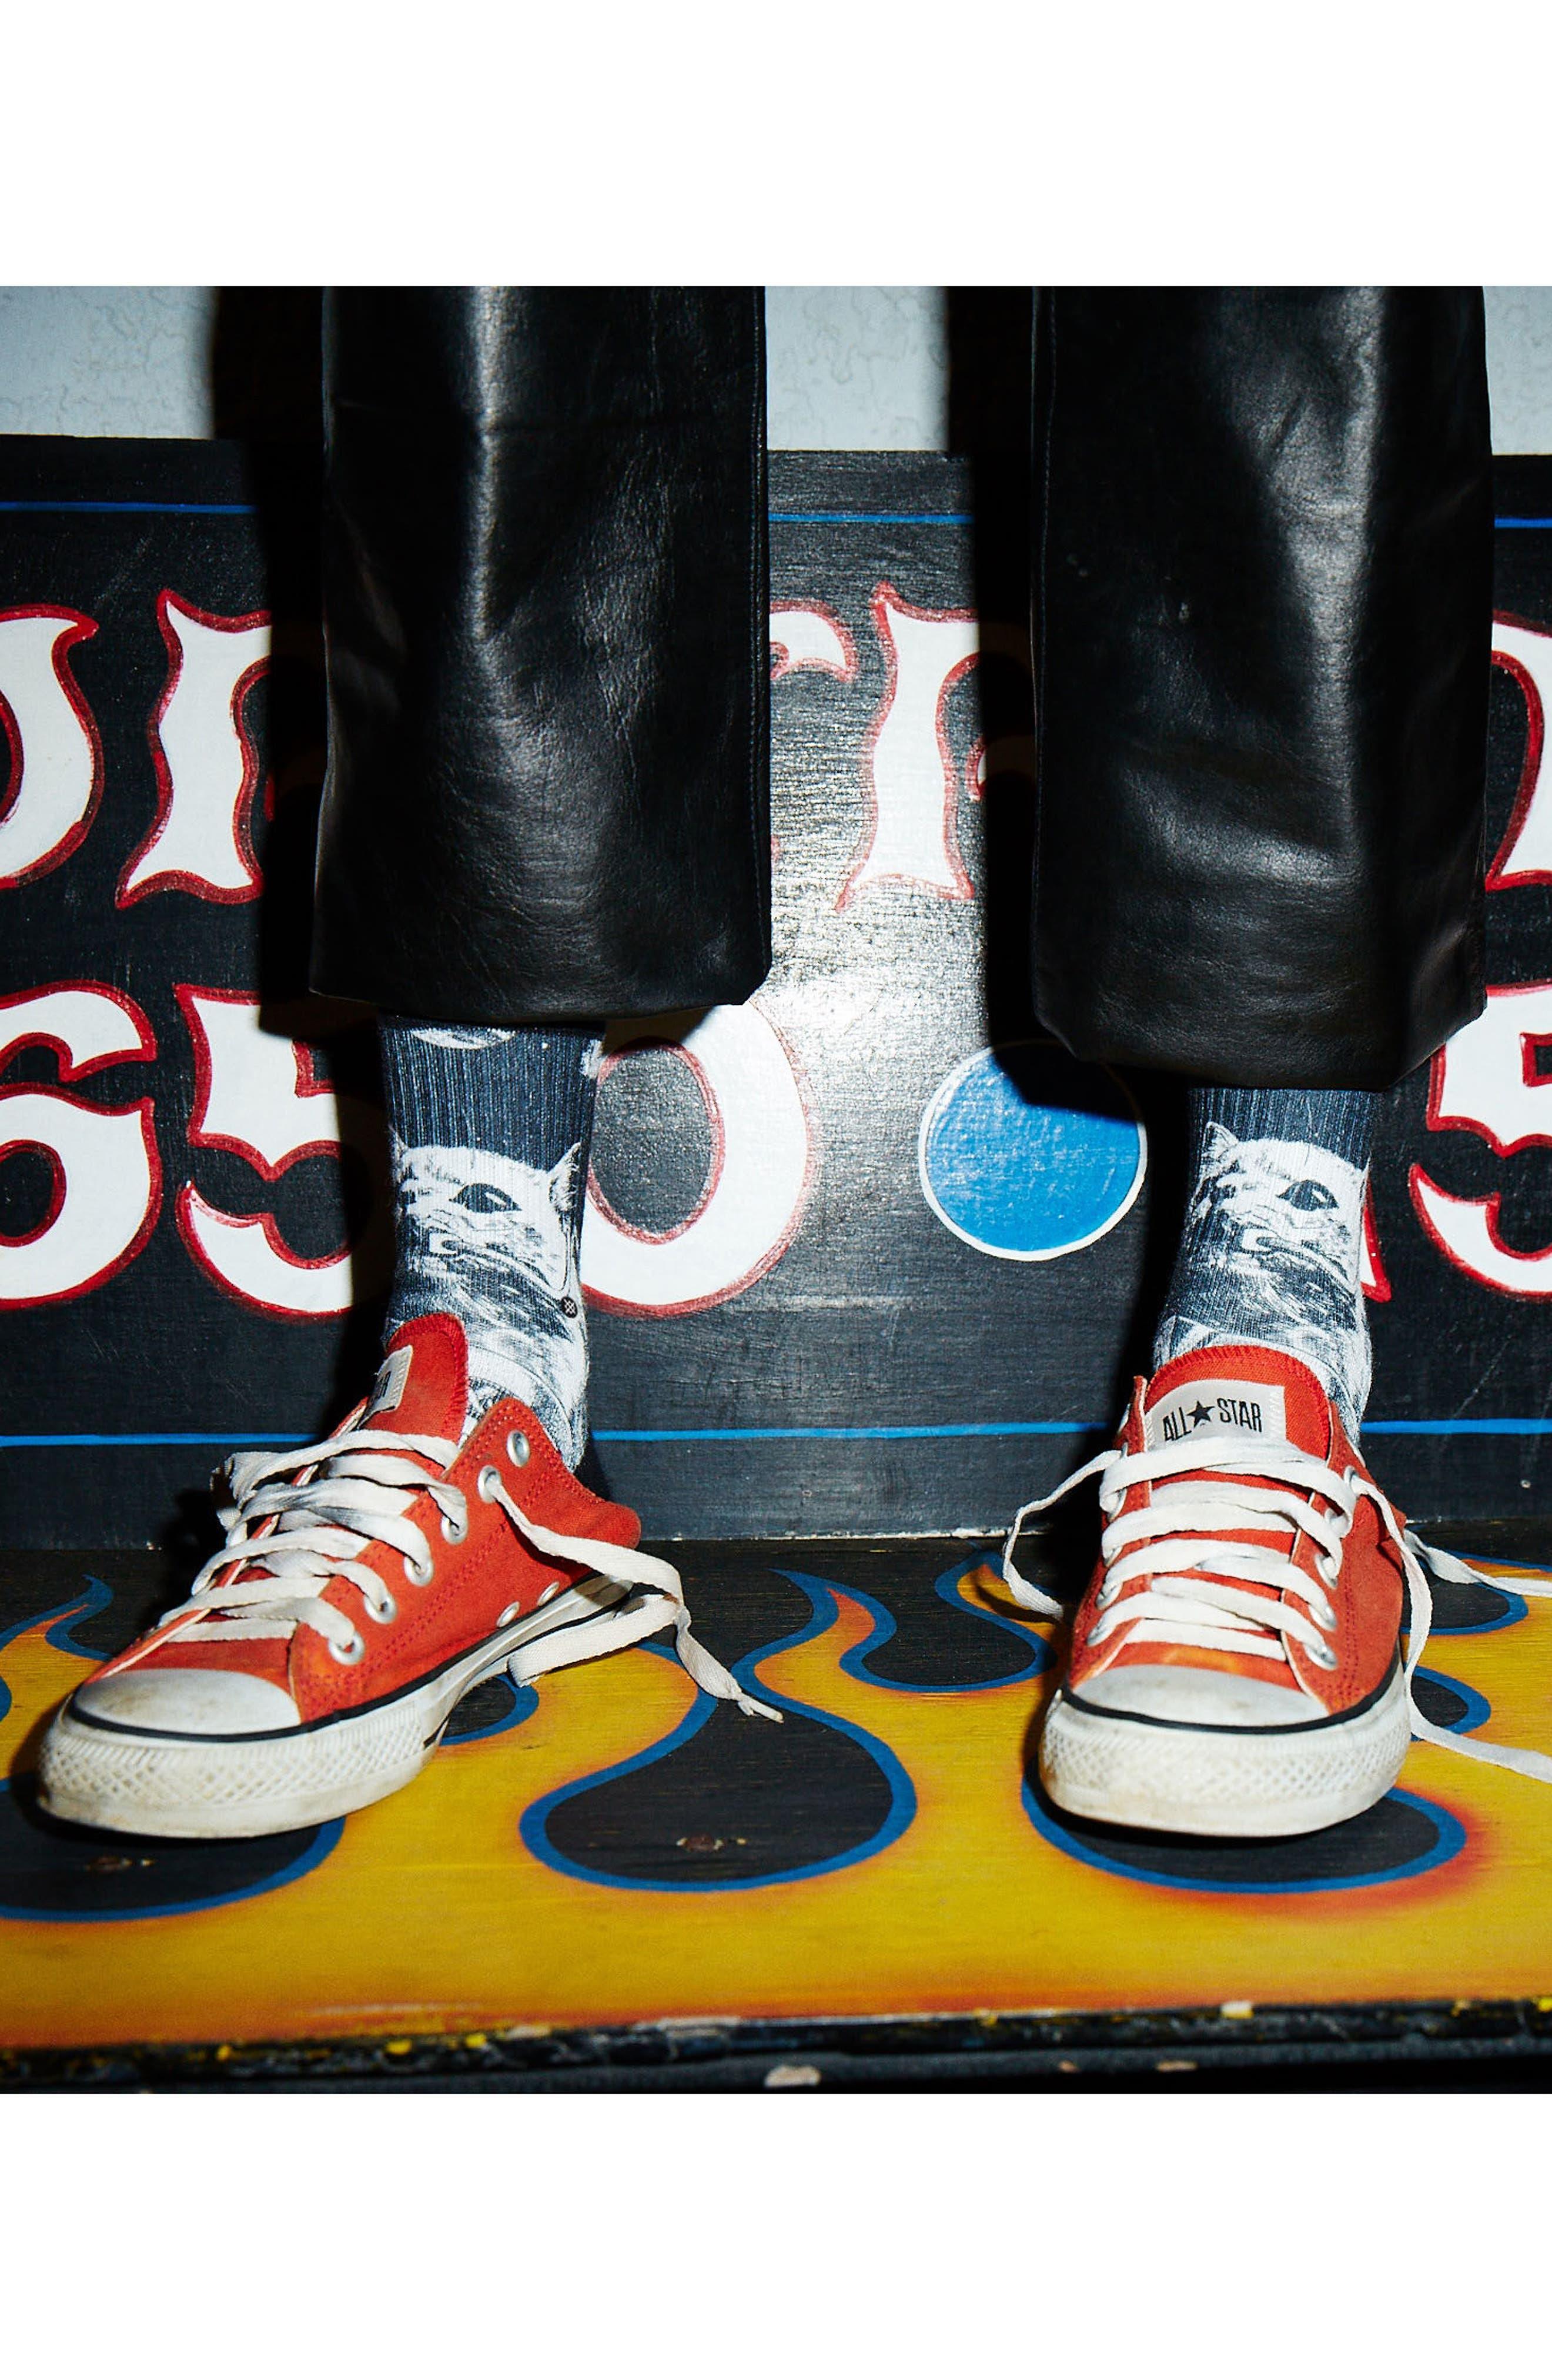 Punker Skunker Crew Socks,                             Alternate thumbnail 3, color,                             Black Multi